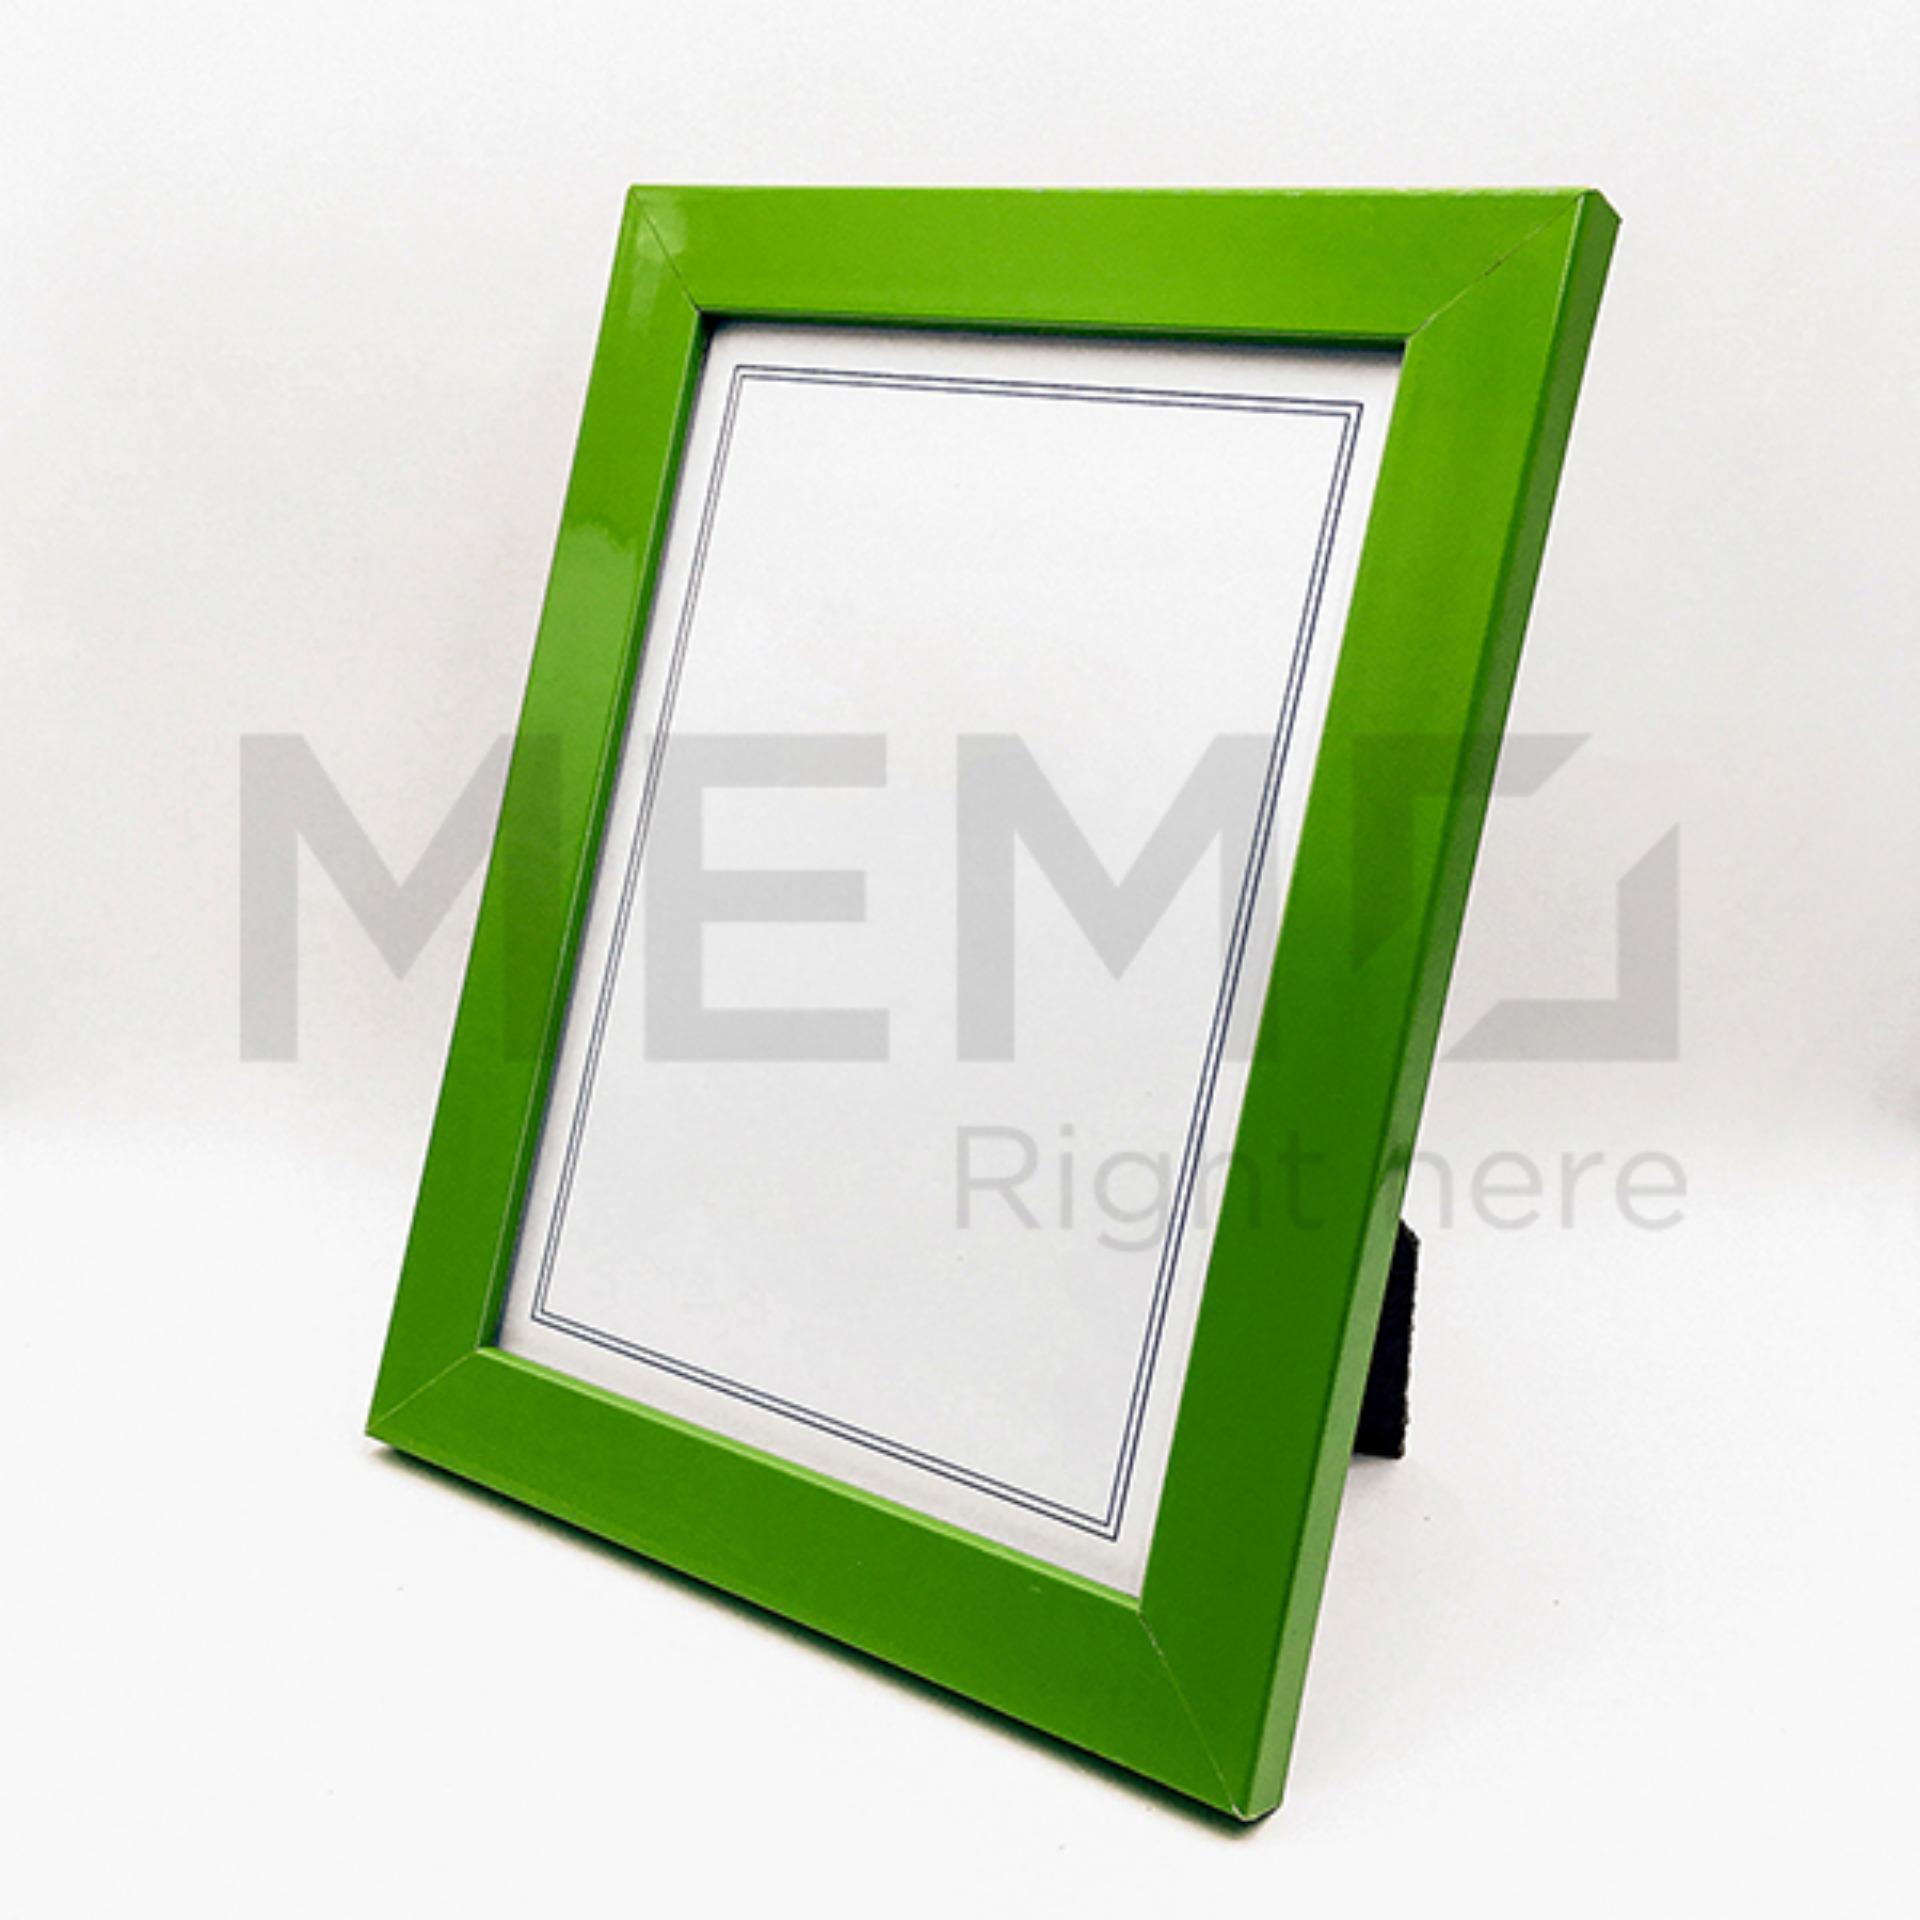 Khung ảnh (10×15)cm treo tường/để bàn Memo bản 2cm